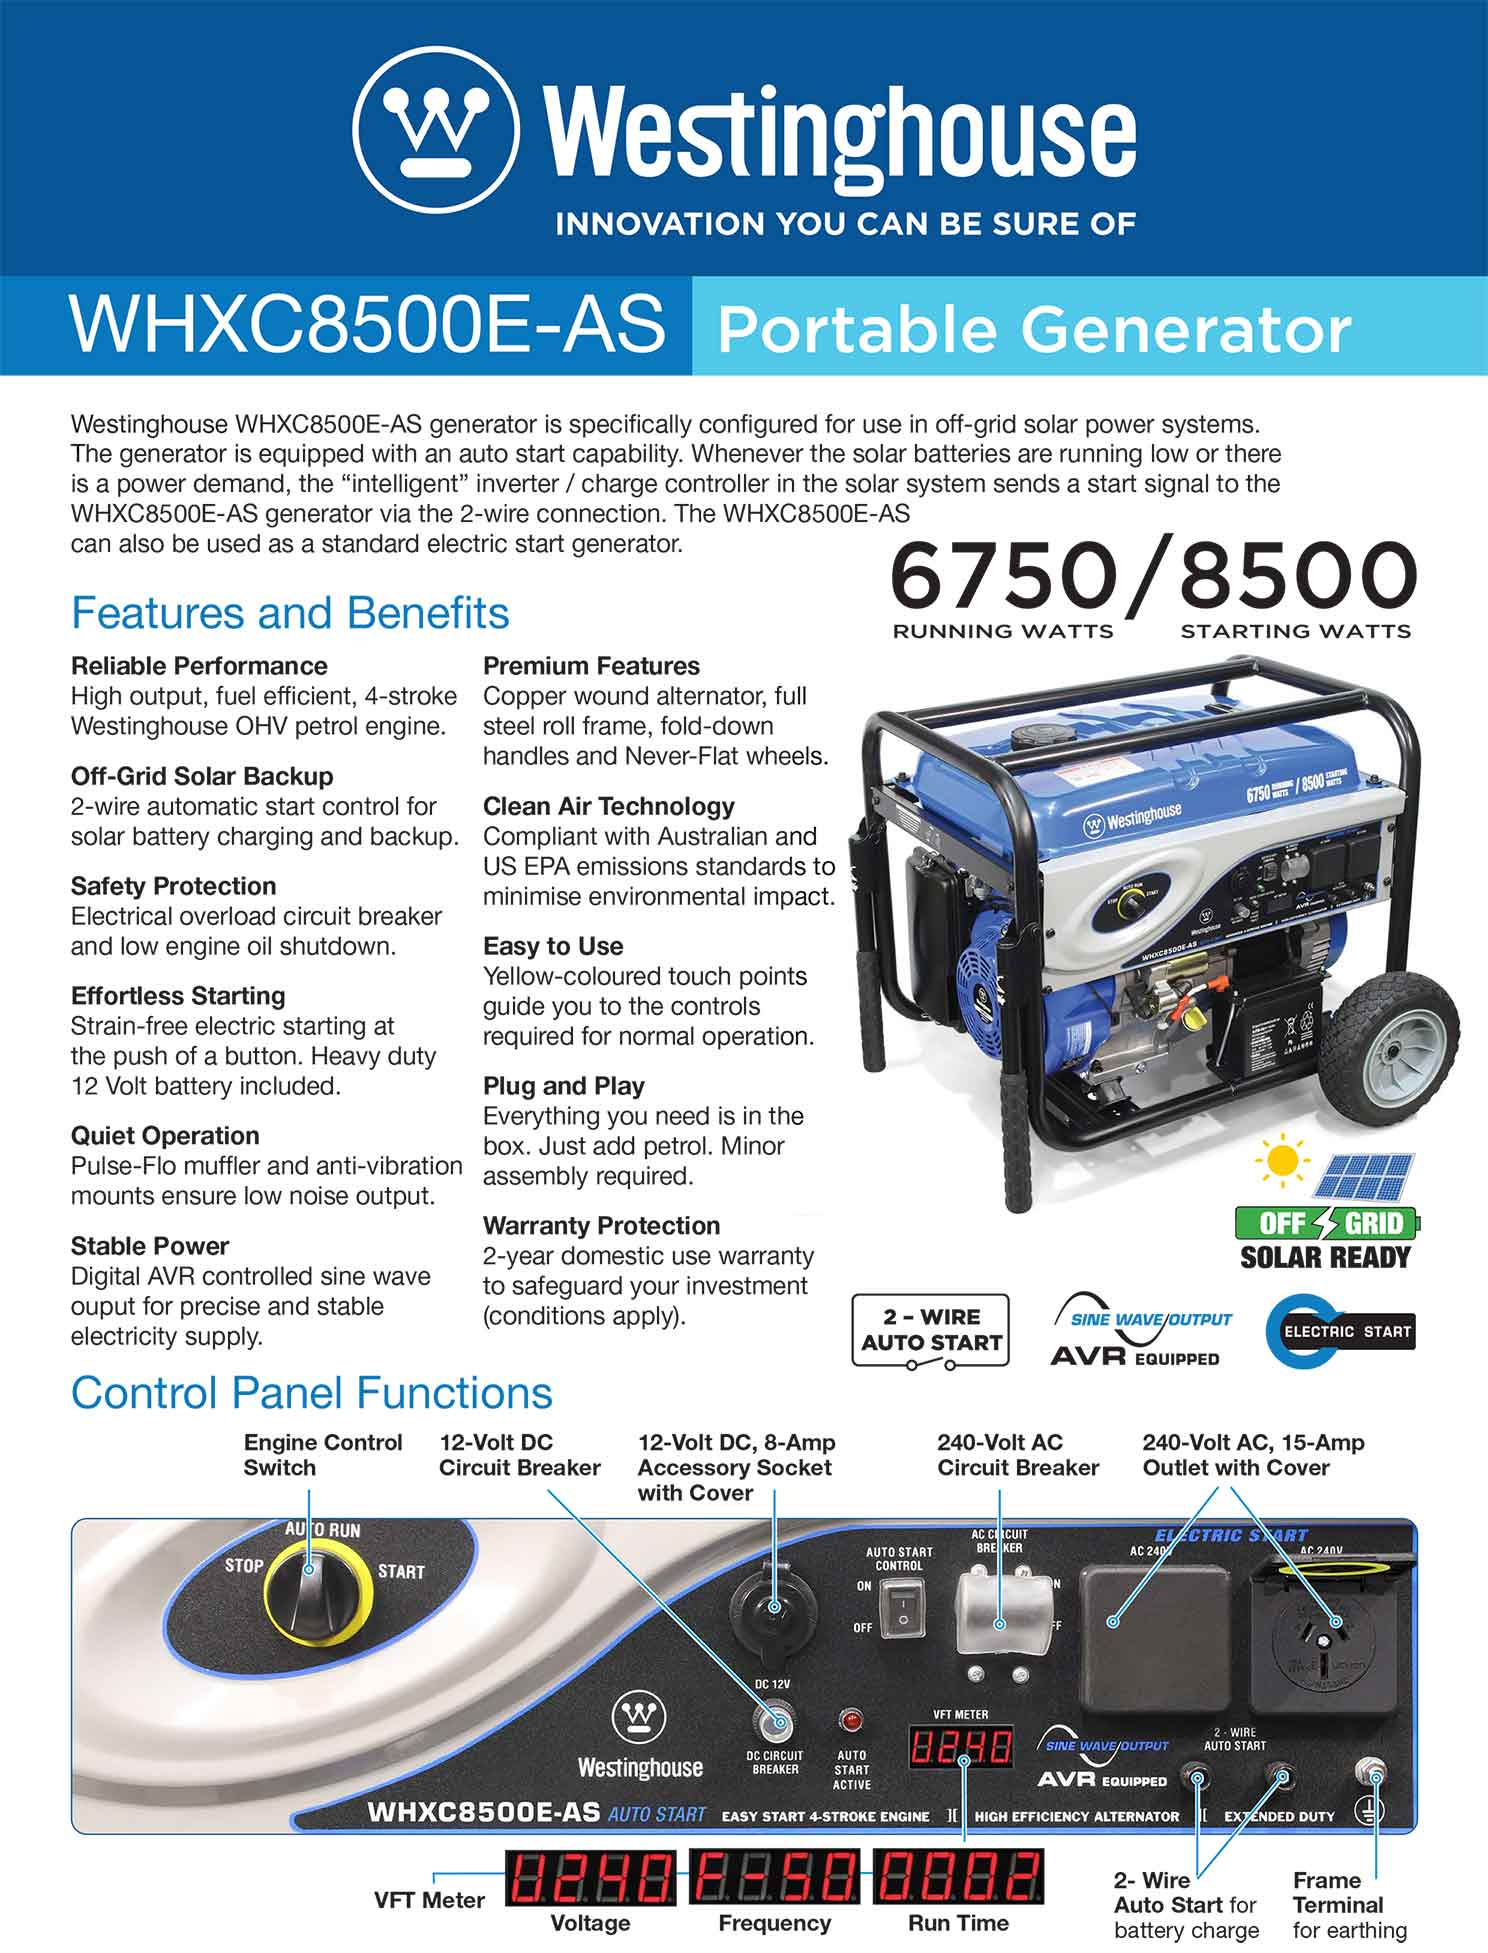 WHXC8500E-AS-1